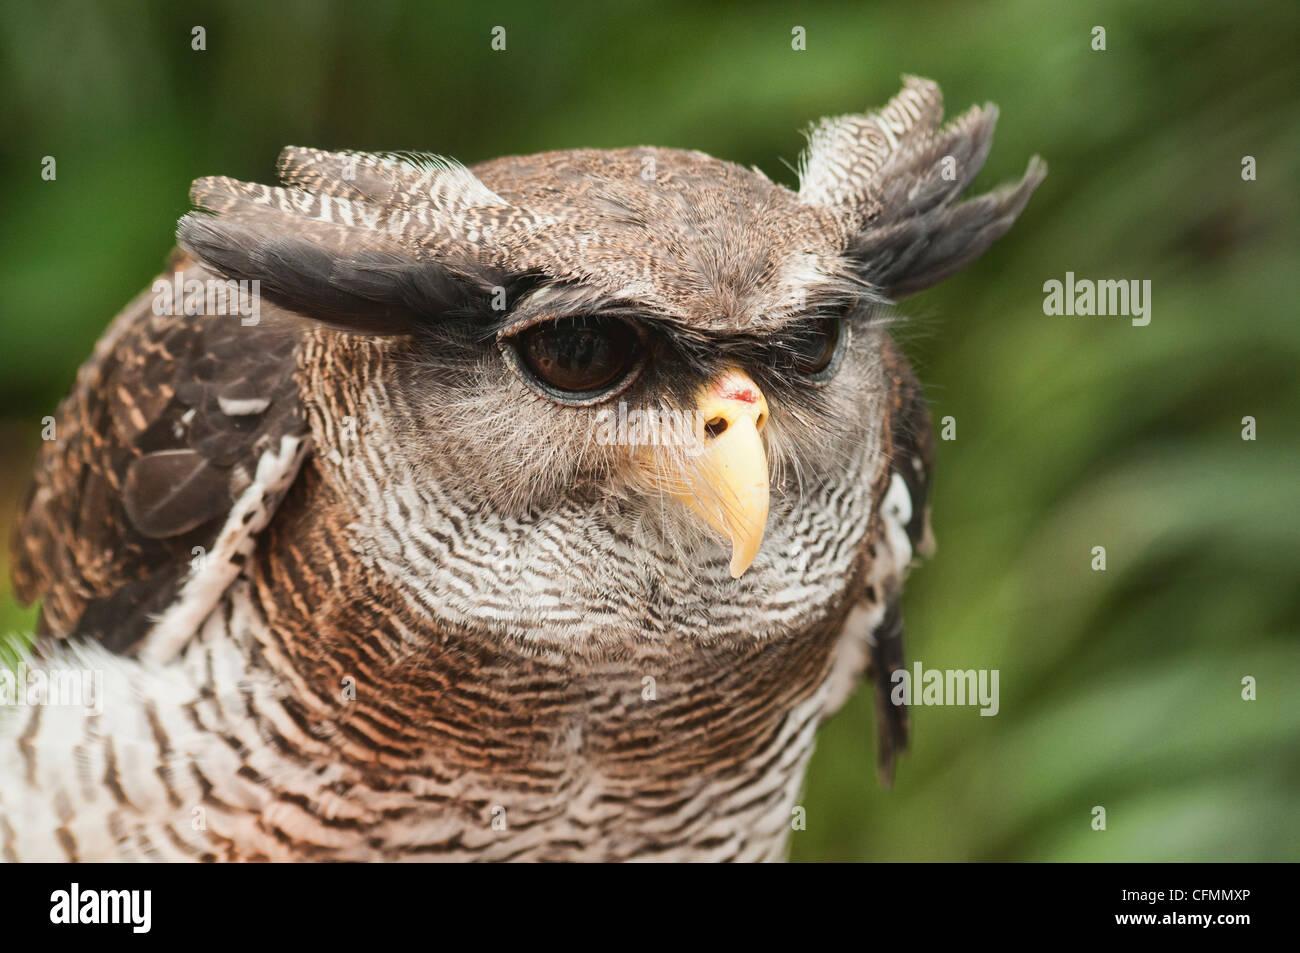 Malay eagle owl, Malaysia Stock Photo